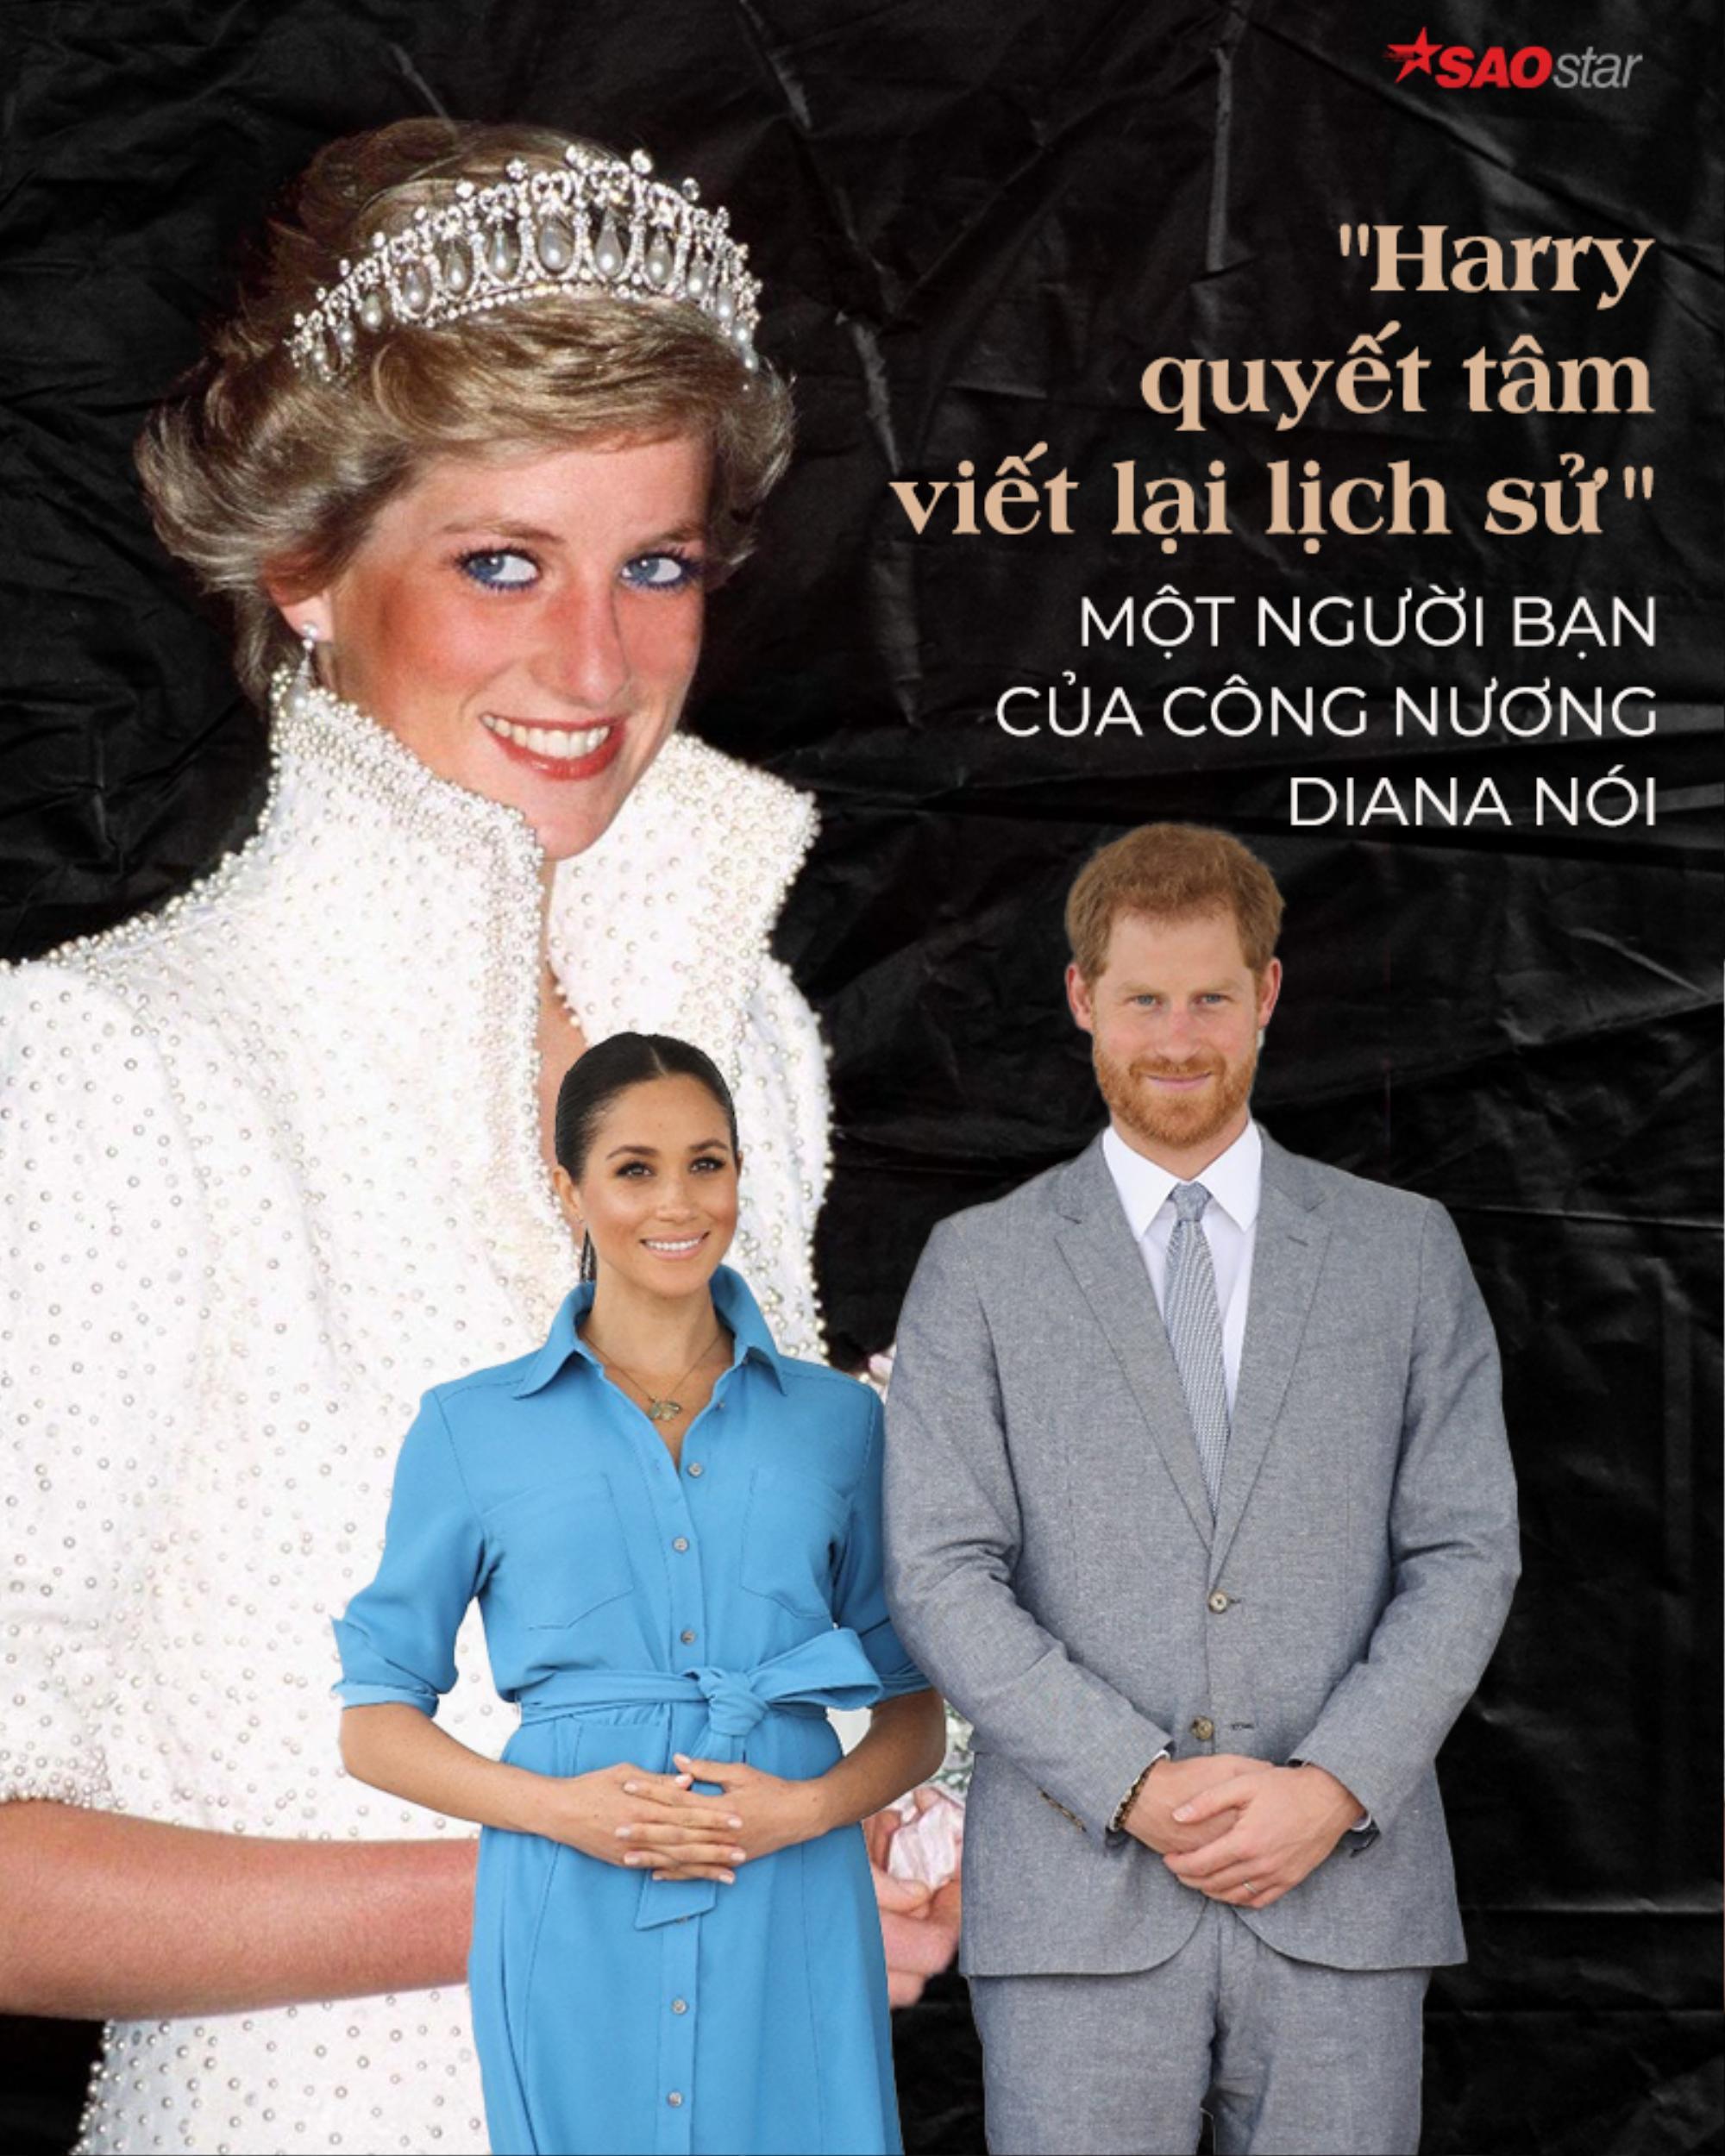 'Linh hồn của Diana đã dẫn lối cho Harry và Meghan rời bỏ Hoàng gia' Ảnh 2